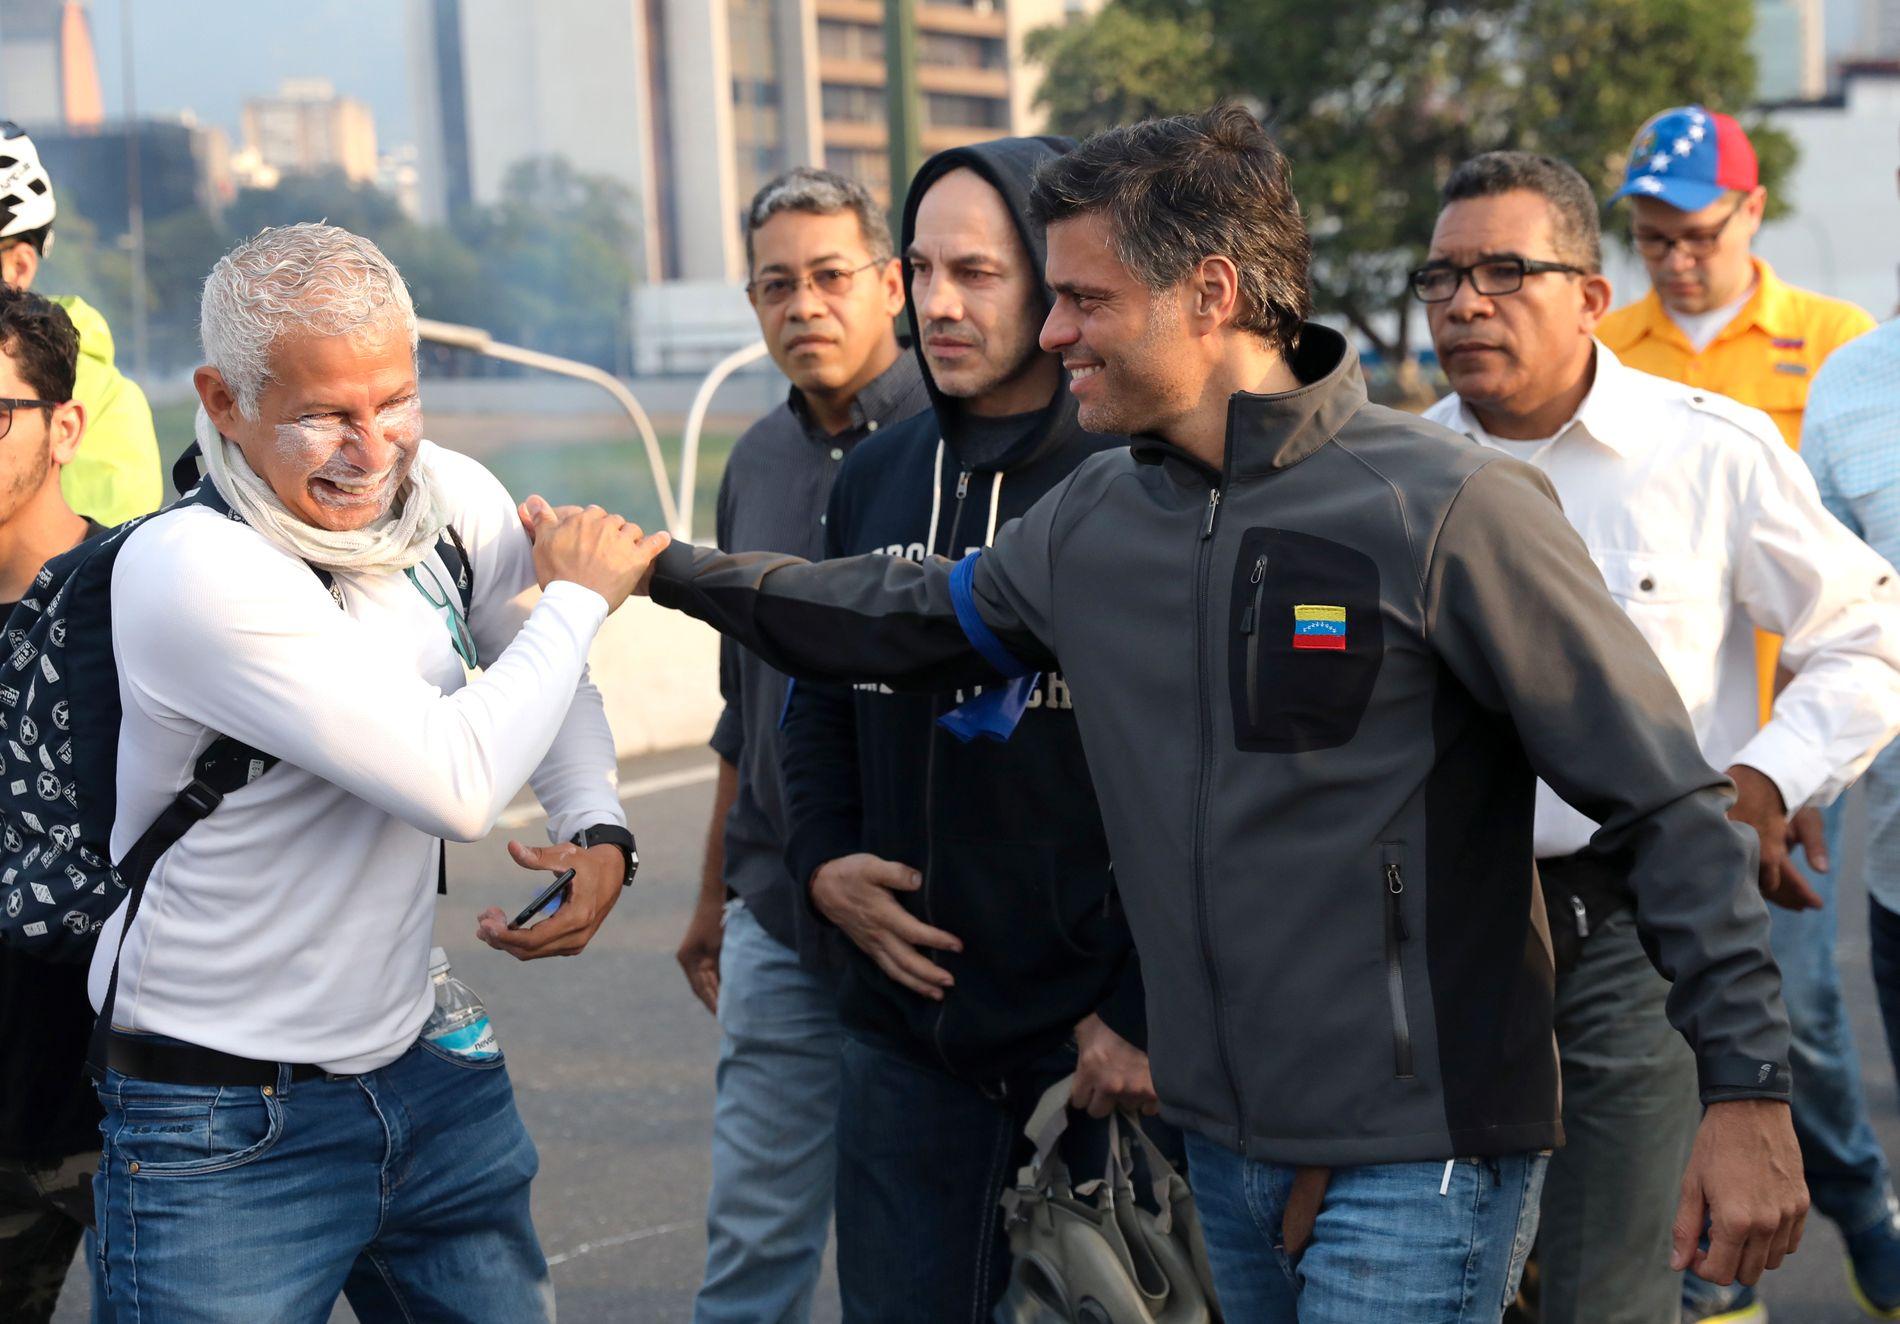 SPENT: Opposisjonsleder Leopoldo Lopez, som har sittet i husarrest siden 2017, er avbildet ved flybasen i hovedstaden Caracas.